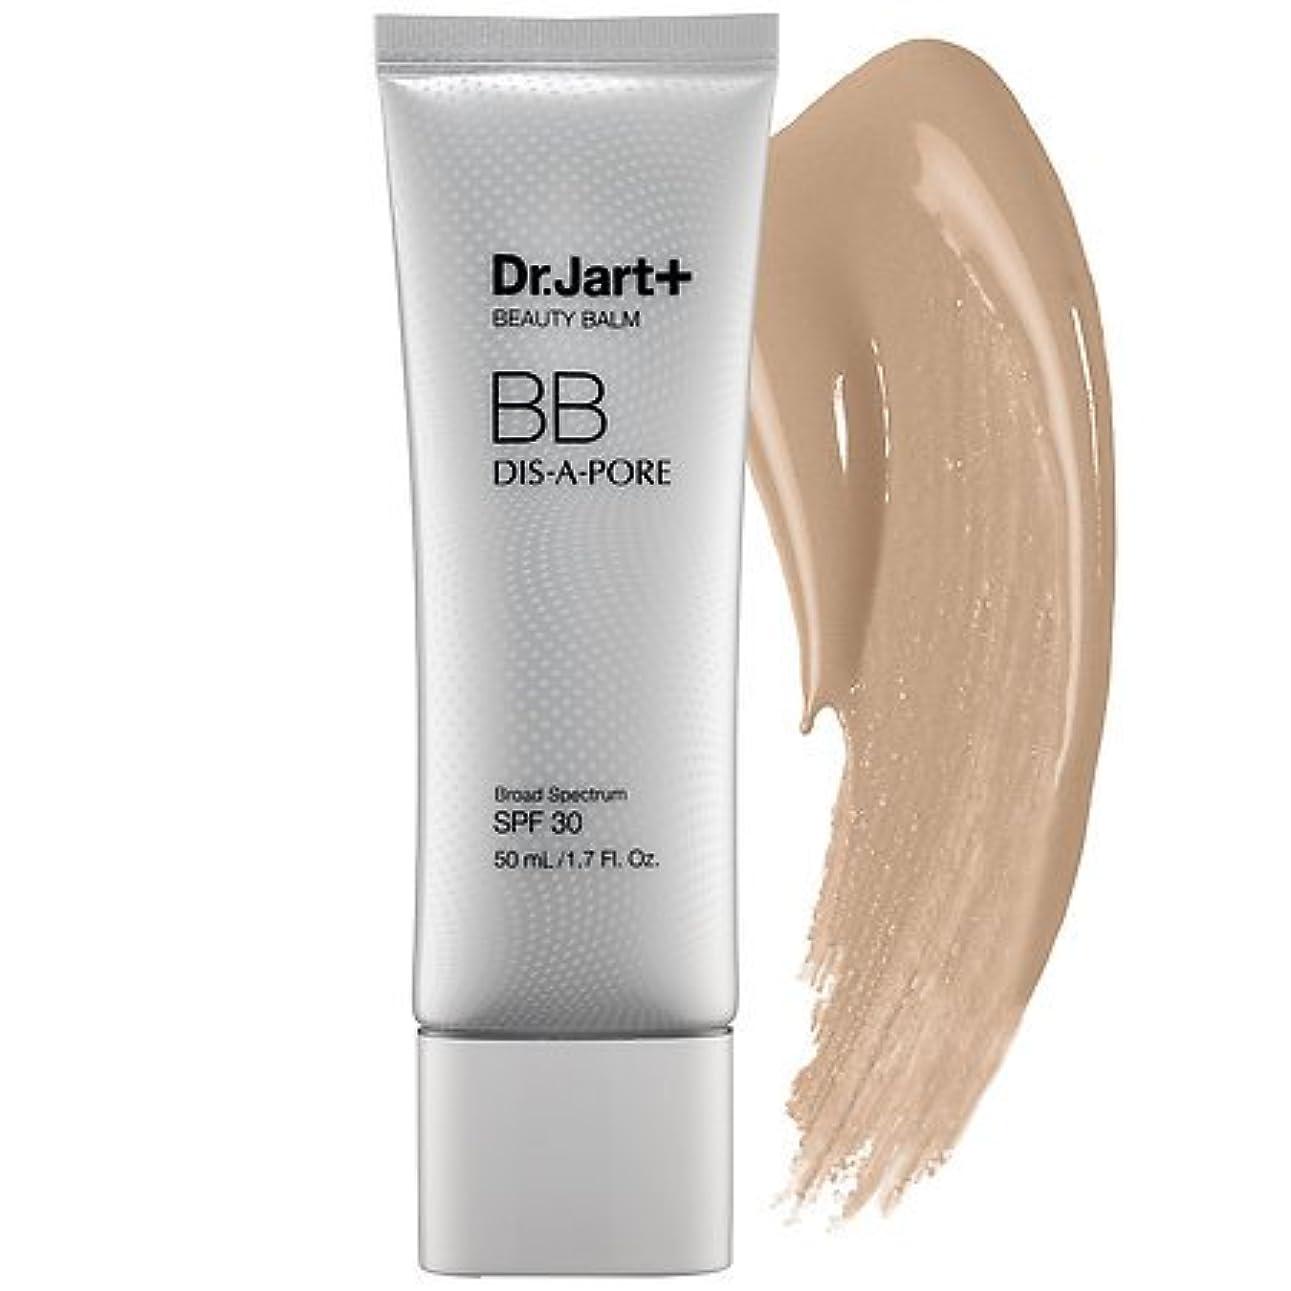 人気のあざボックスDr.Jart+ Dis-A-Pore Beauty Balm SPF30_1.7oz [02 Medium-Deep] …